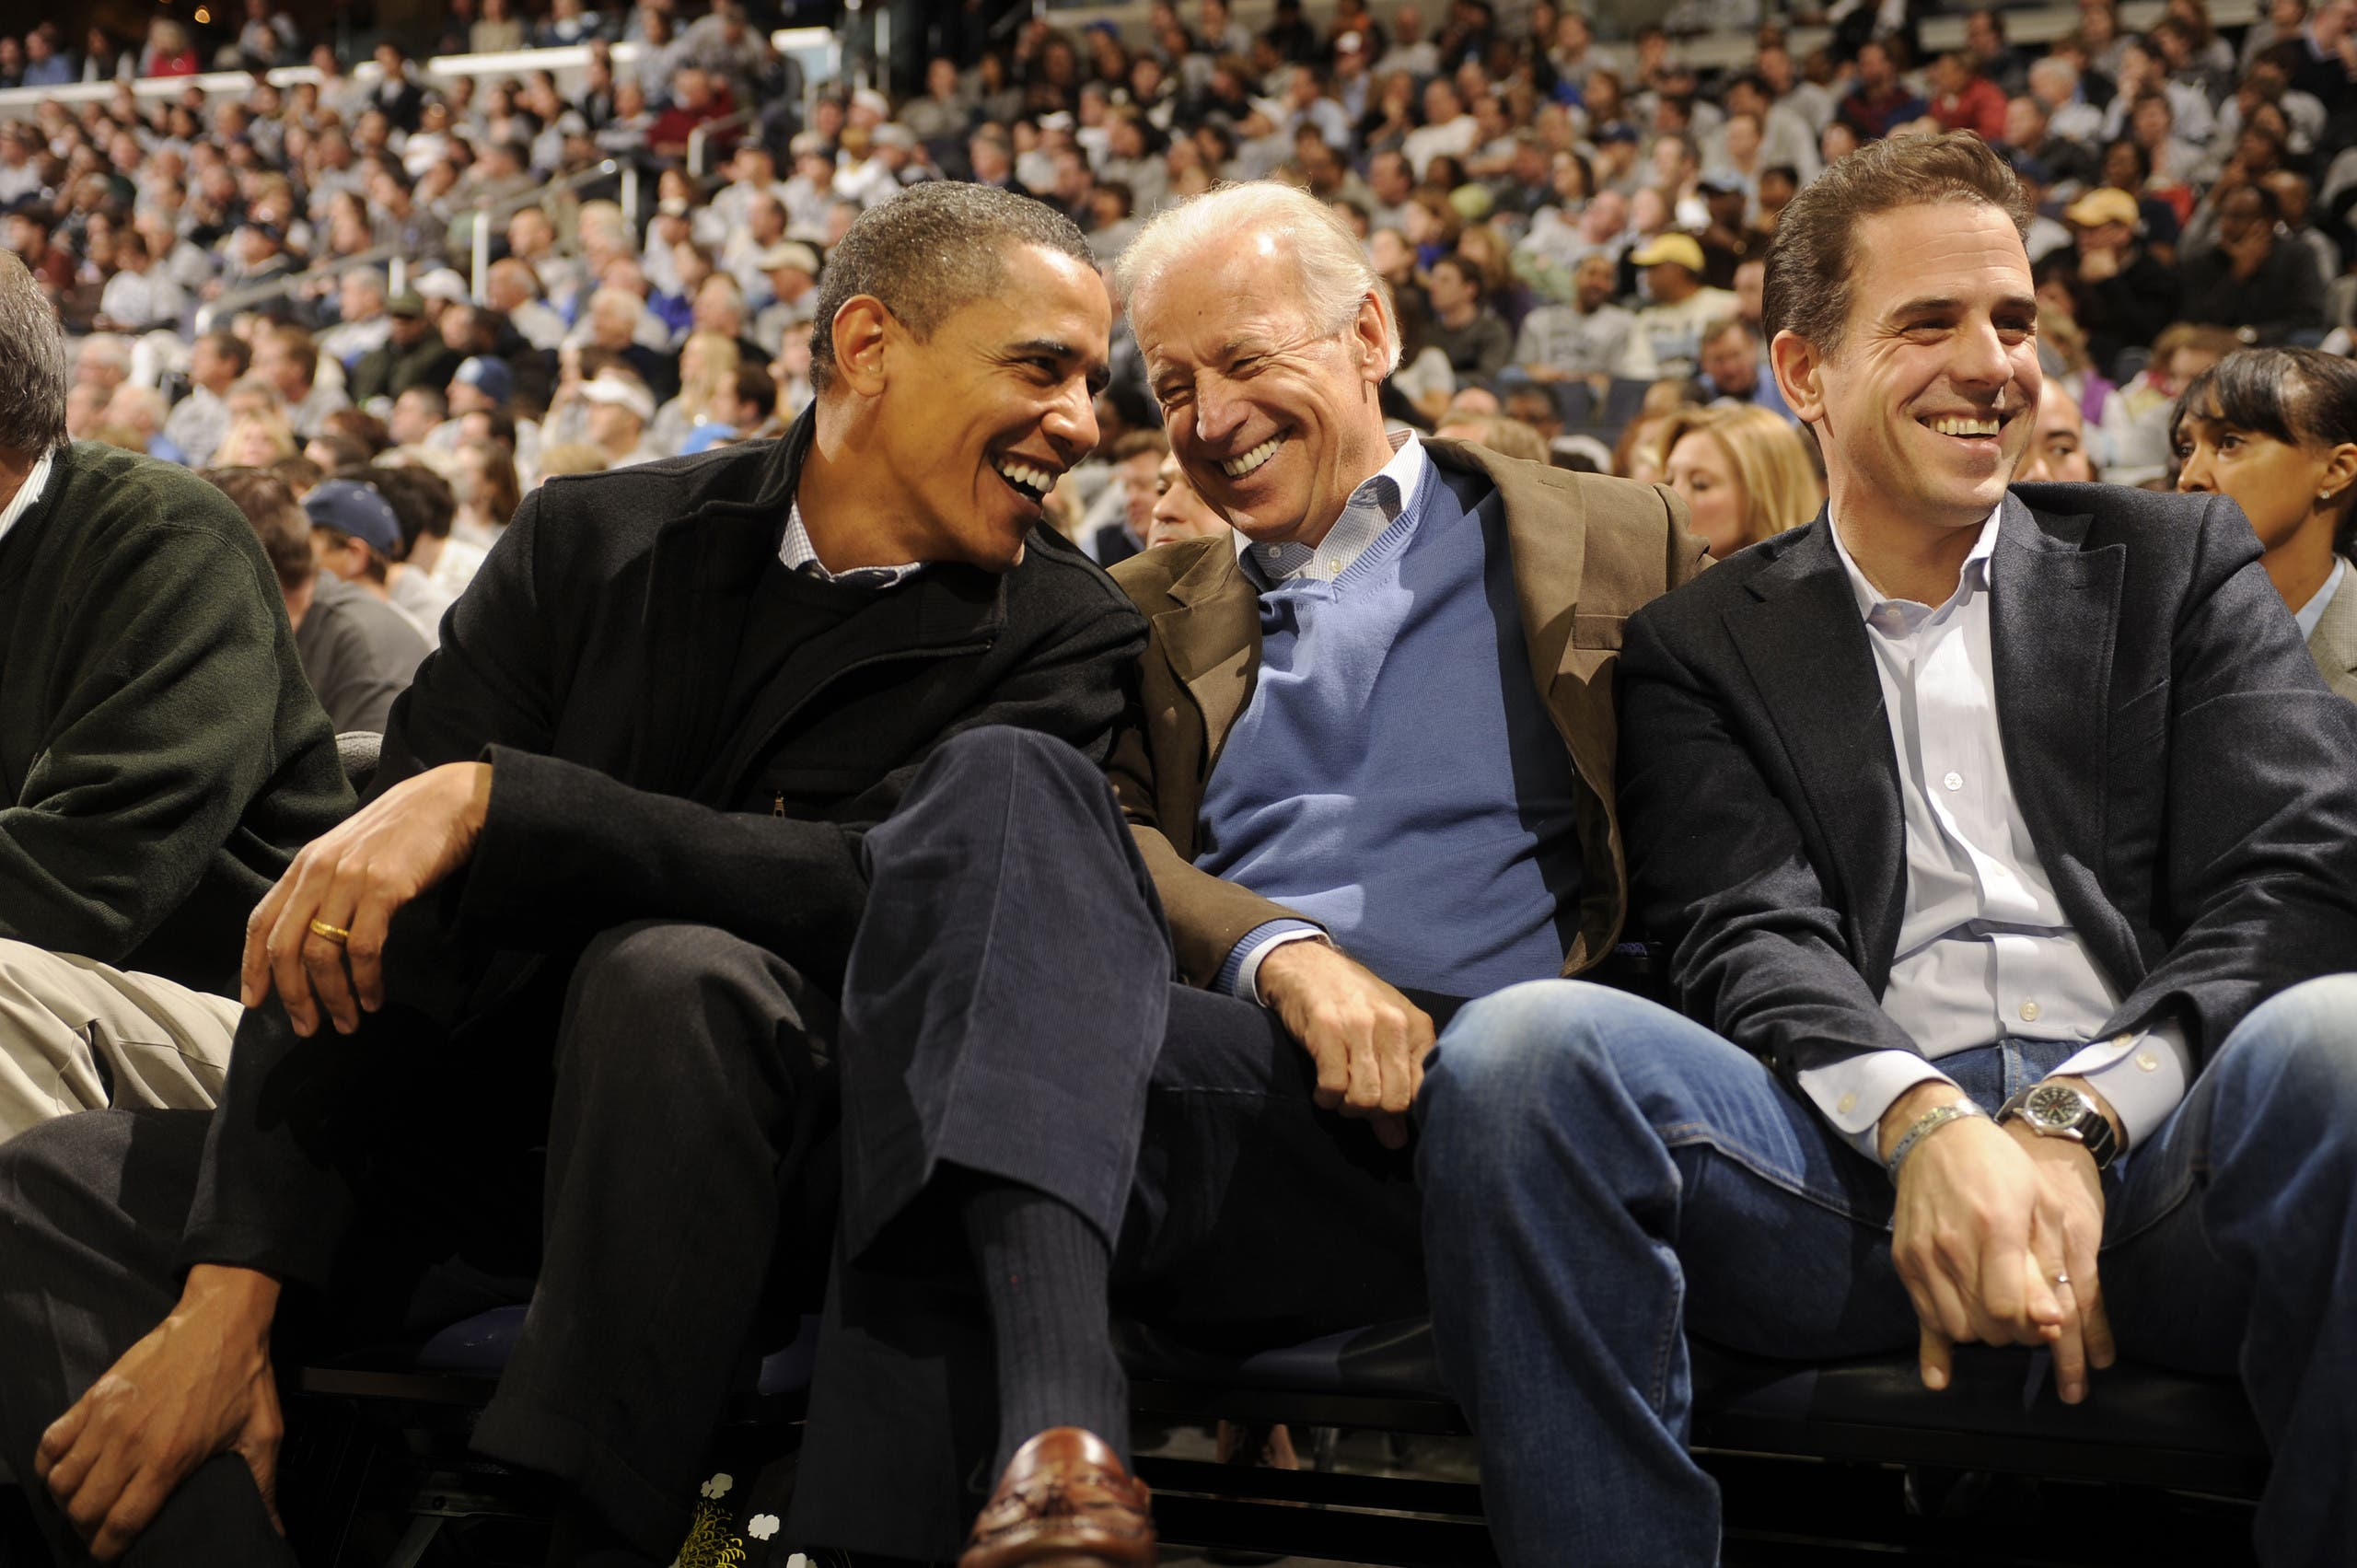 جو بايدن يتوسط نجله هانتر والرئيس الأميركي السابق باراك أوباما(أرشيفية- فرانس برس)